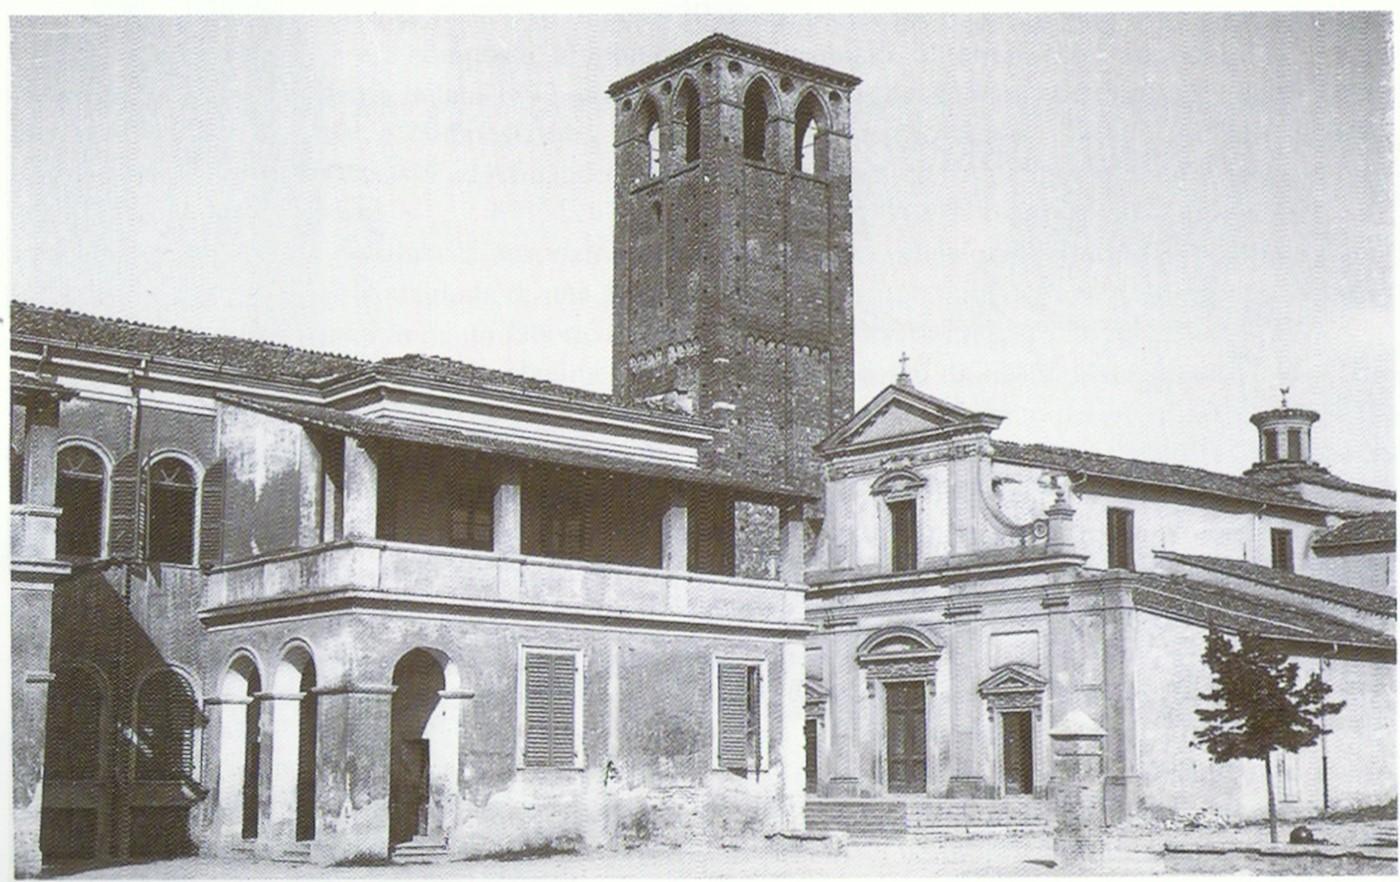 Un'immagine della Chiesa nella prima metà del Novecento. Sulla piazza davanti alla chiesa sono visibili le scuole elementari.